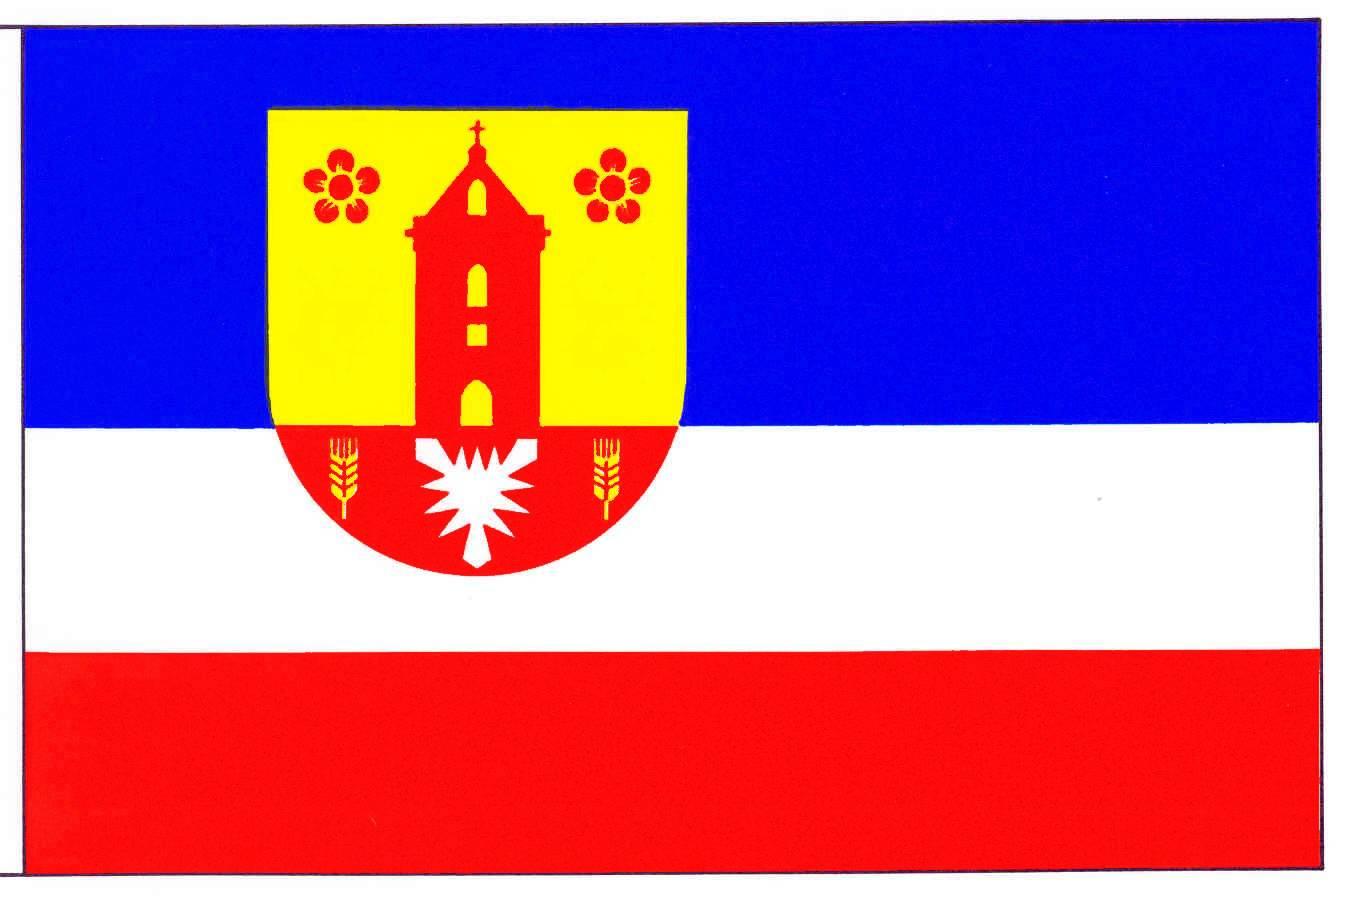 Flagge GemeindeSchönkirchen, Kreis Plön